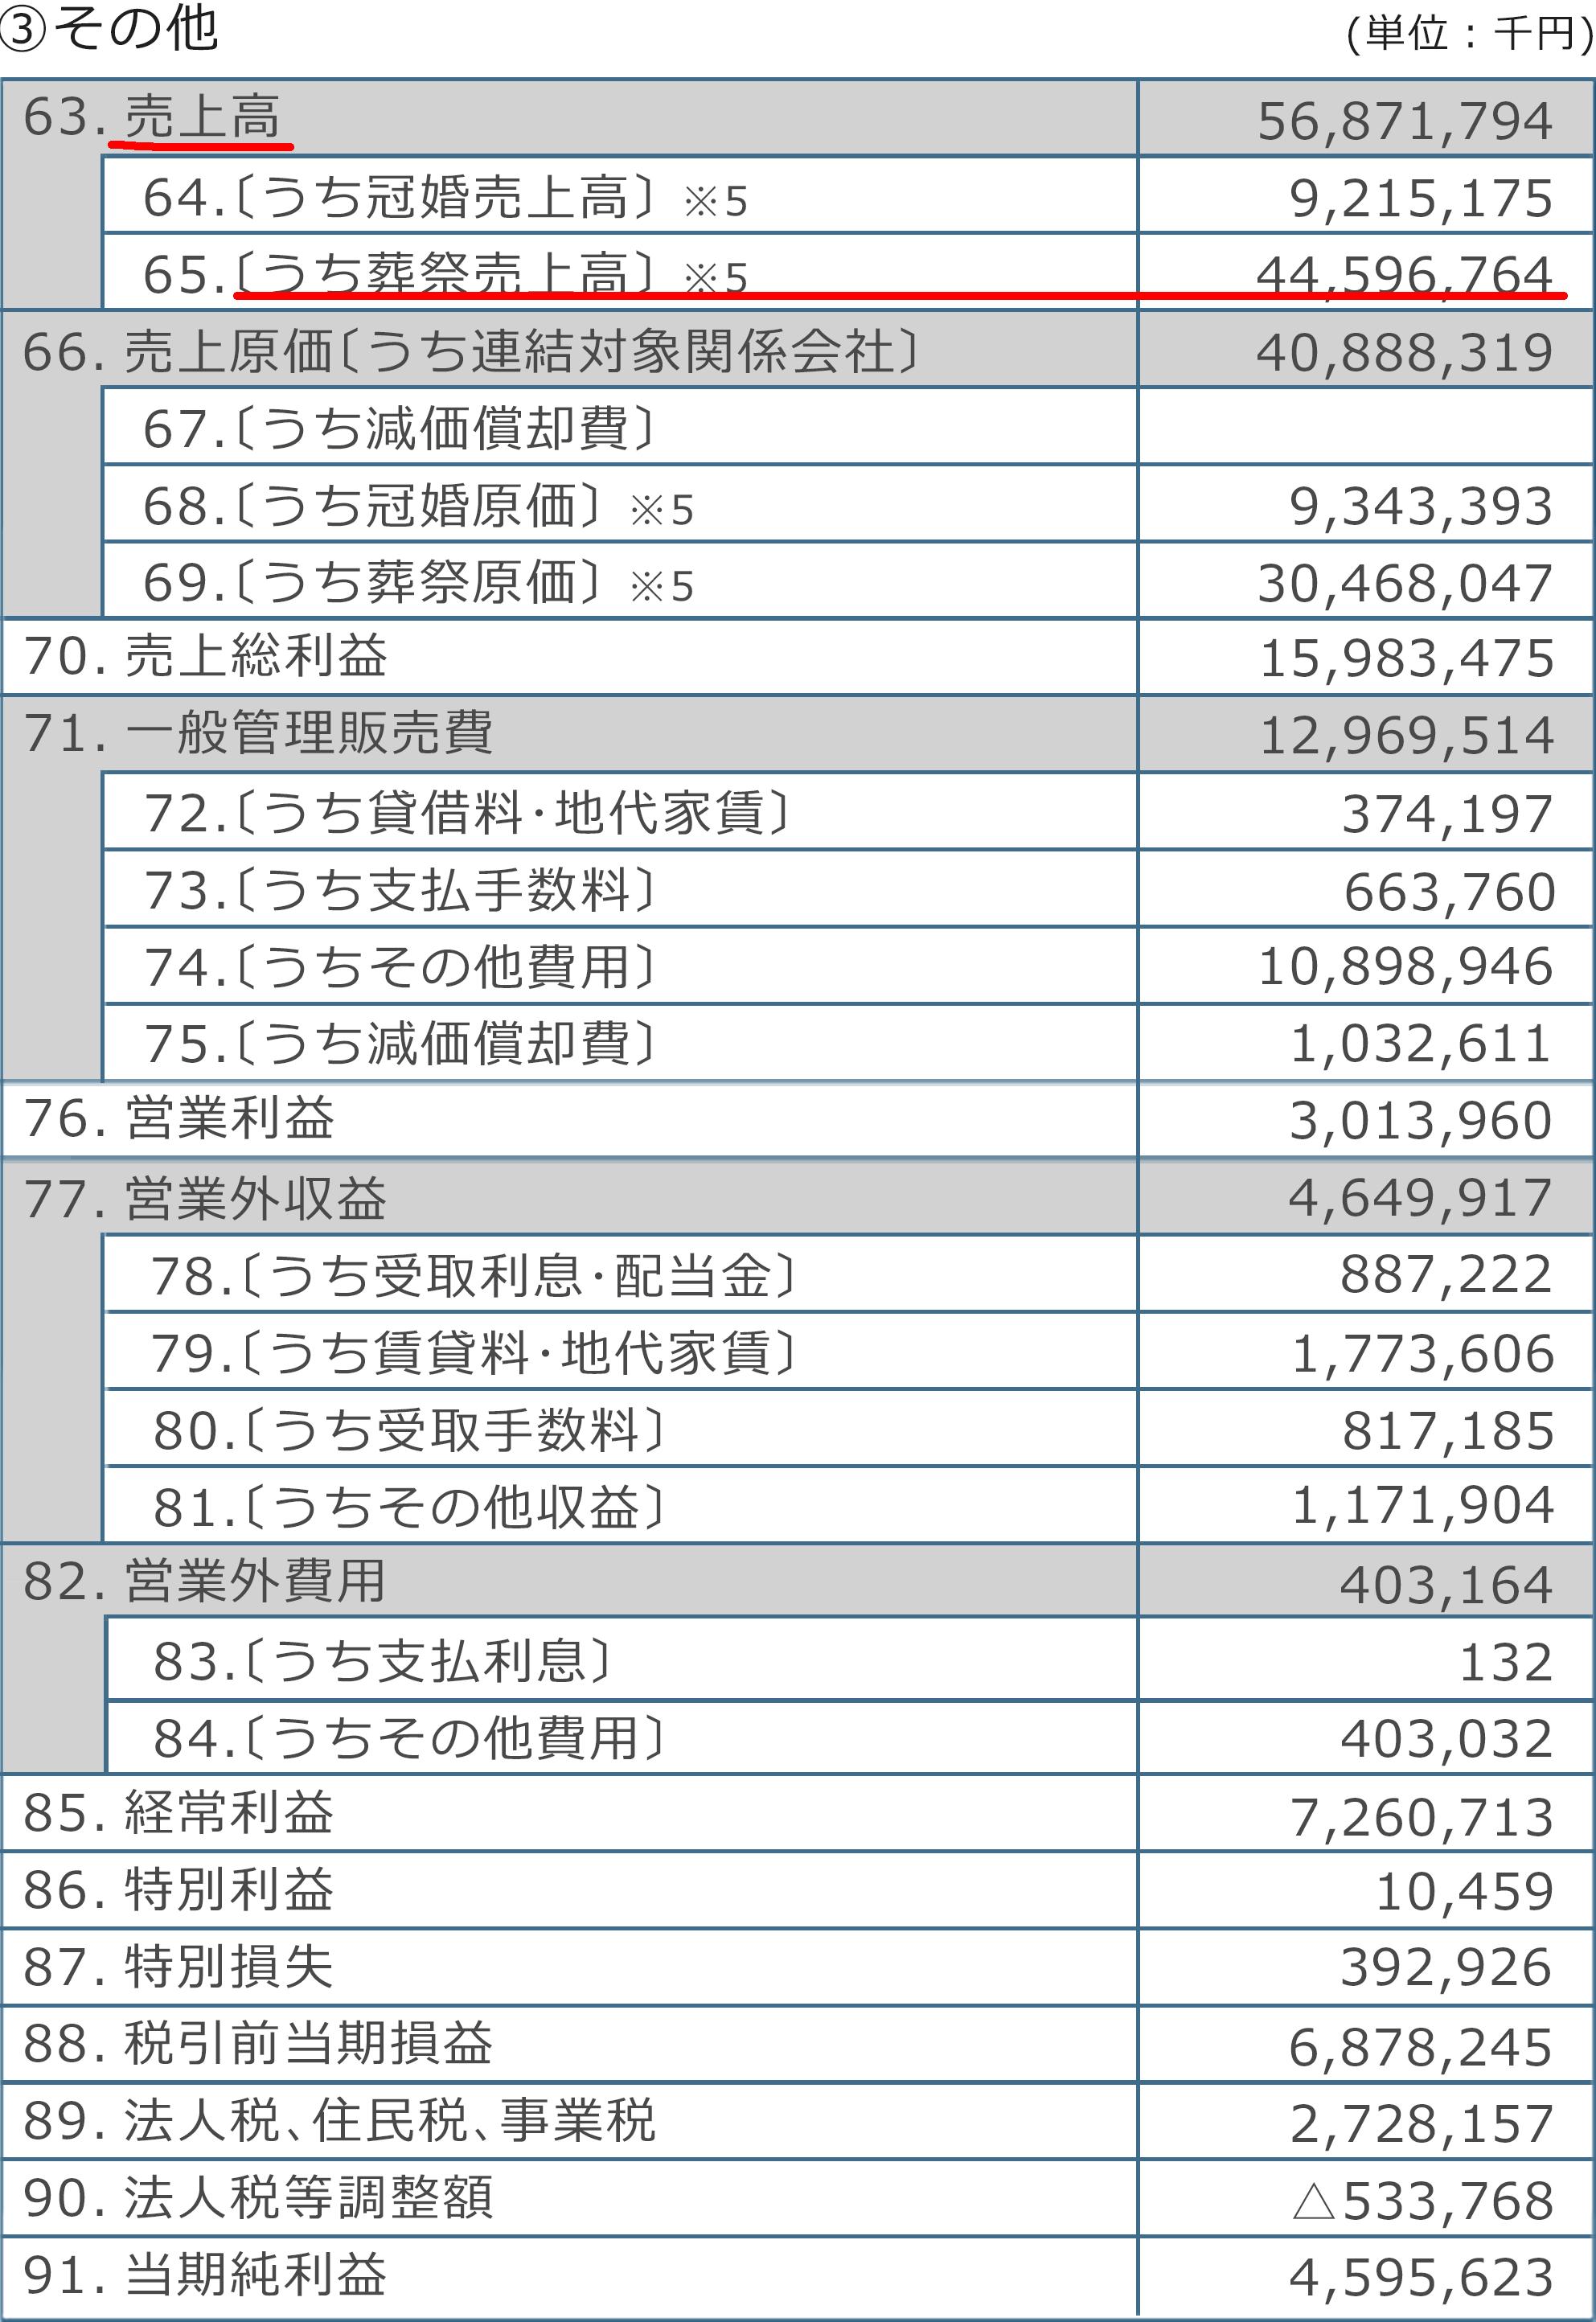 ベルコの財産及び収支報告書のその他(2019年3月)